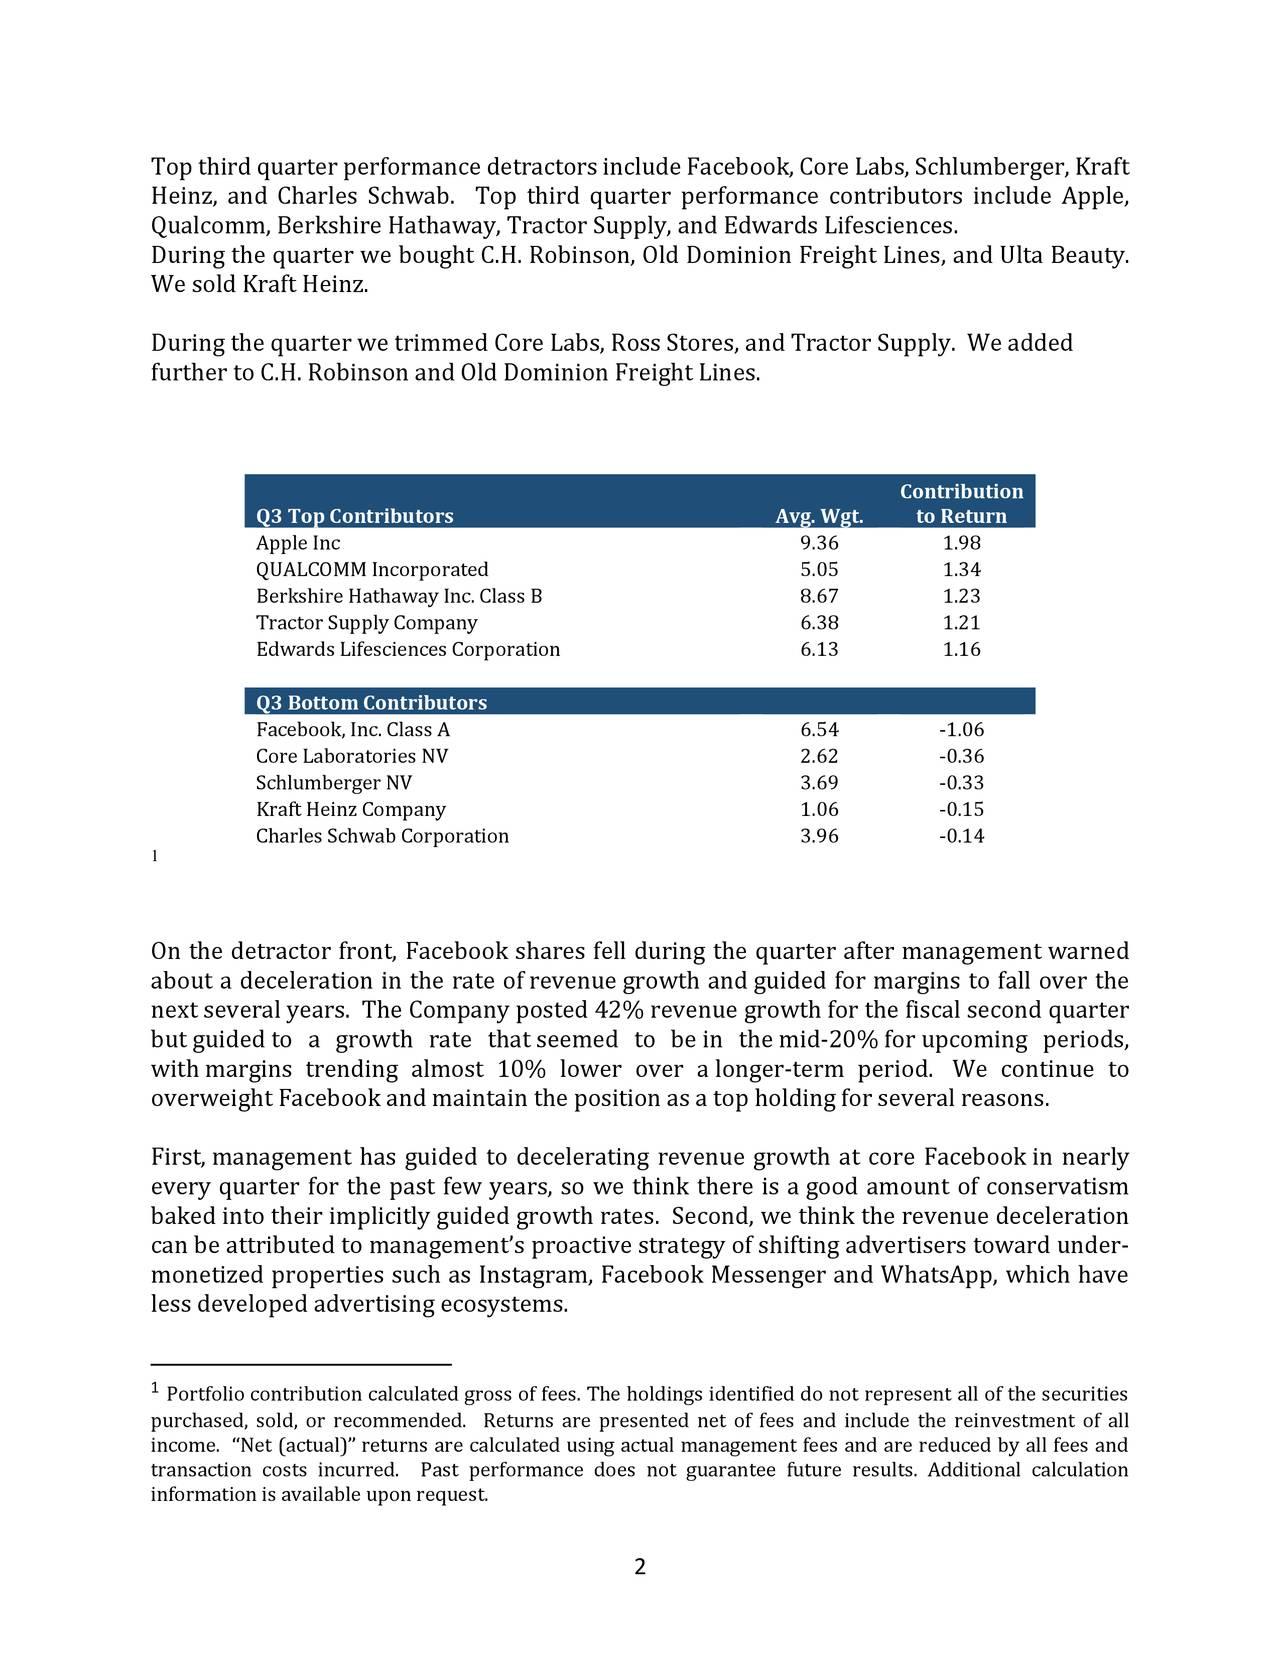 Top thirdquarterperformance detractorsinclude Facebook, Core Labs,Schlumberger, Kraft